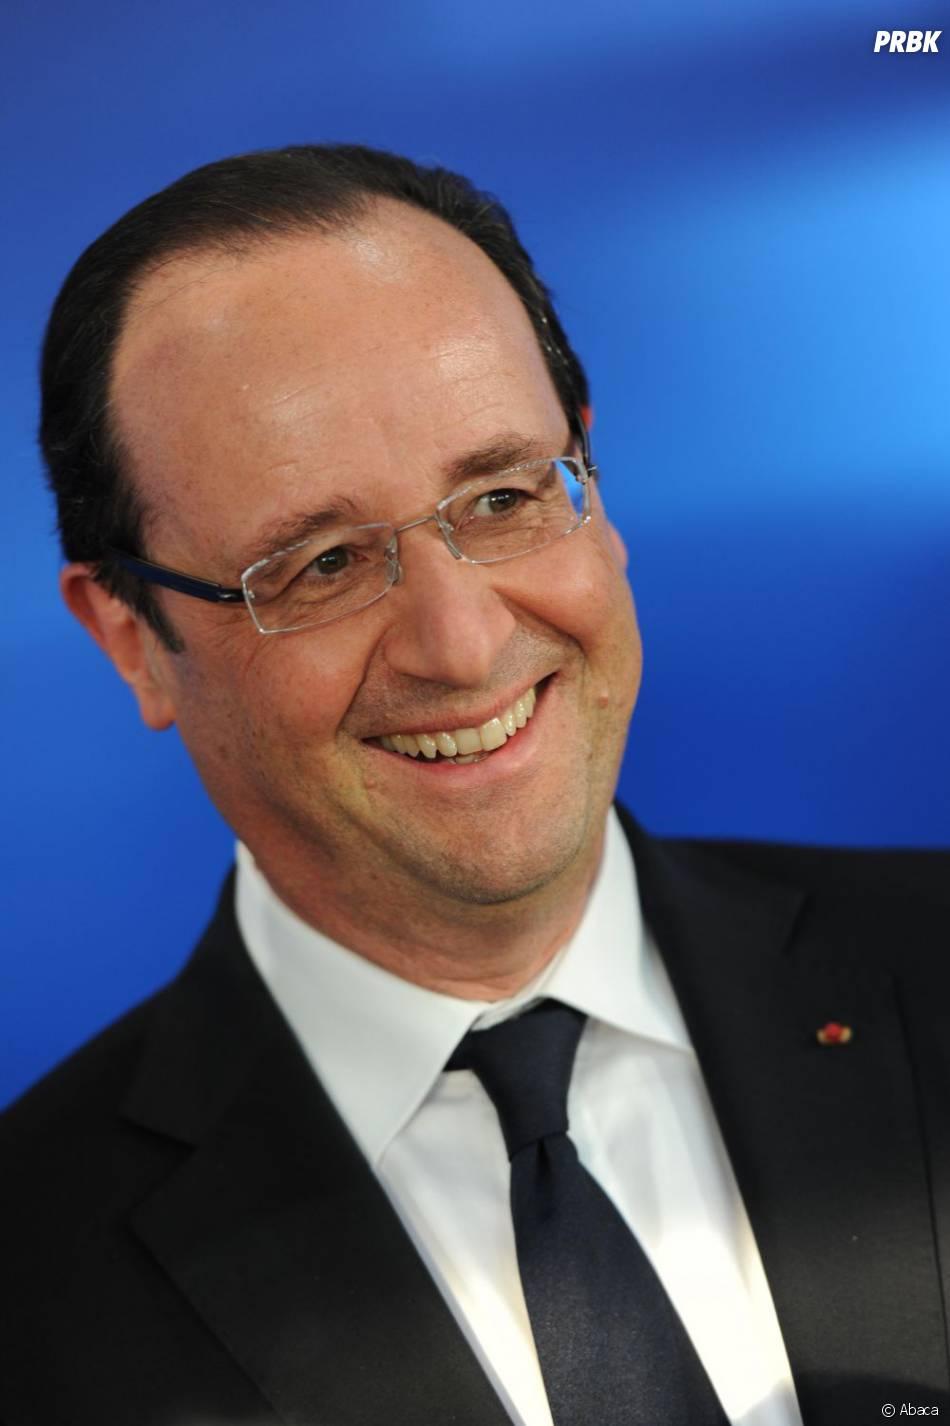 François Hollande moqué sur Weibo, l'équivalent chinois de Twitter